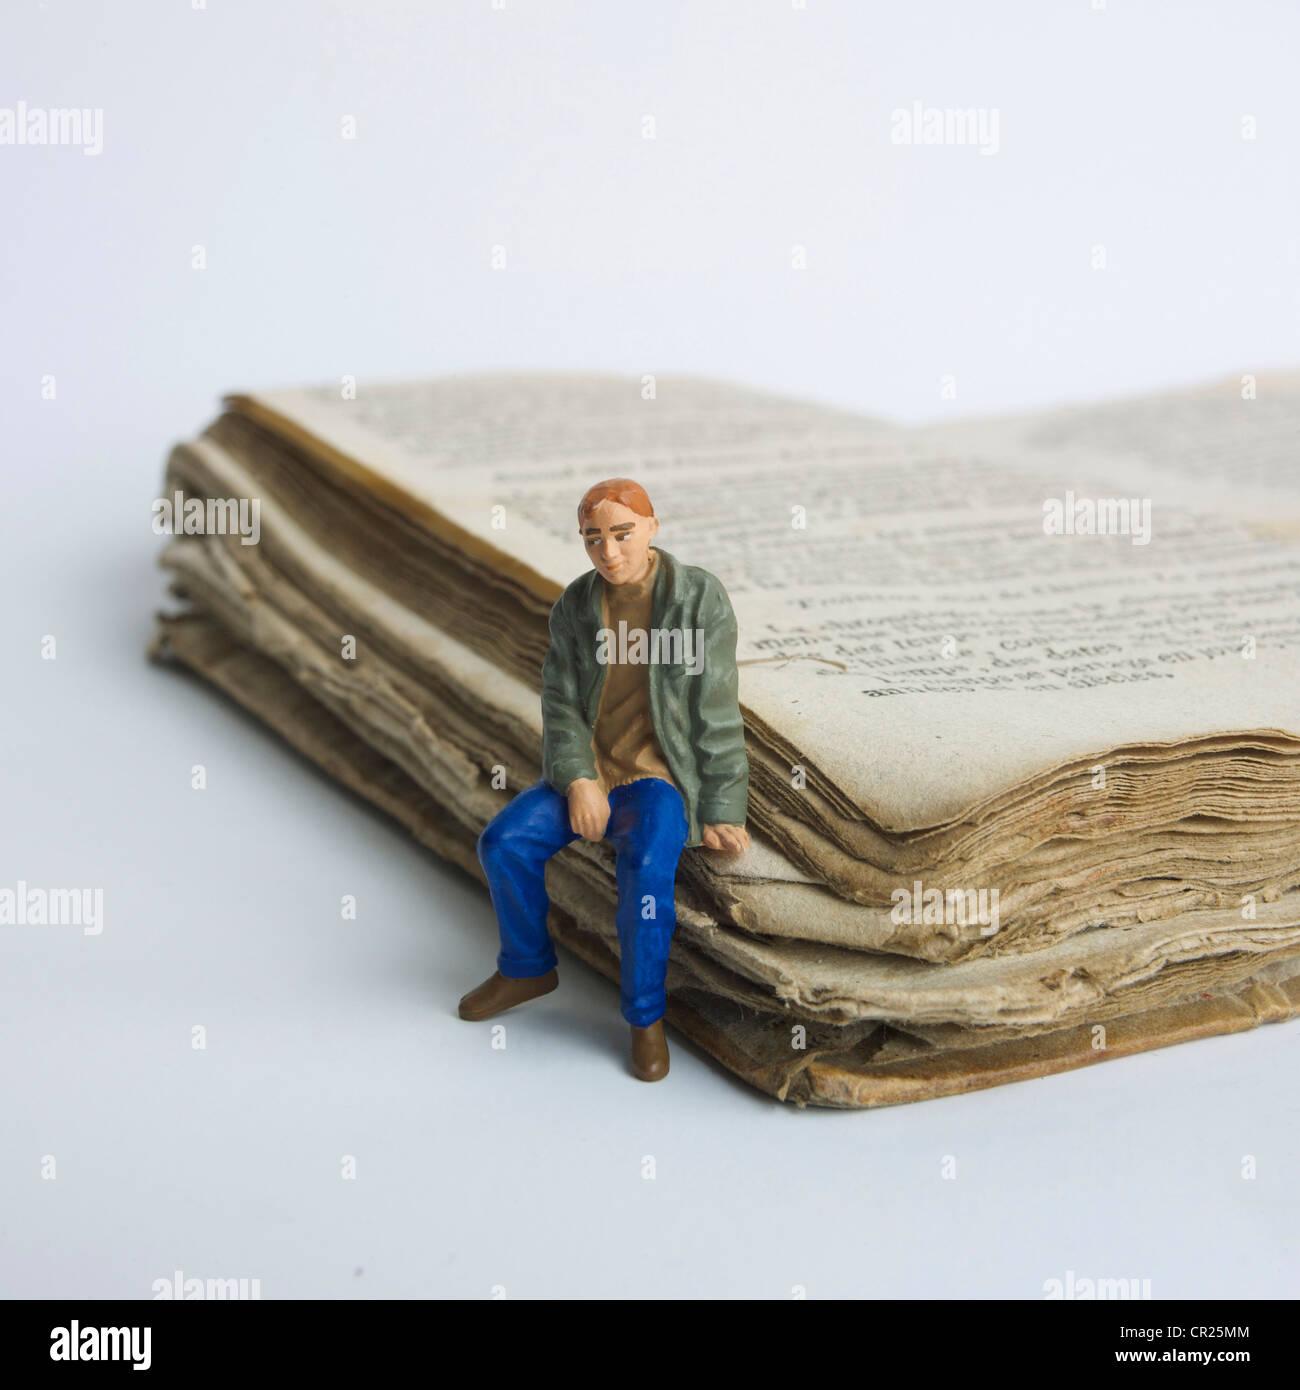 Joven y estudiante de figurillas en miniatura, sentado sobre un viejo libro - Universidad / Educación / Estudio Imagen De Stock